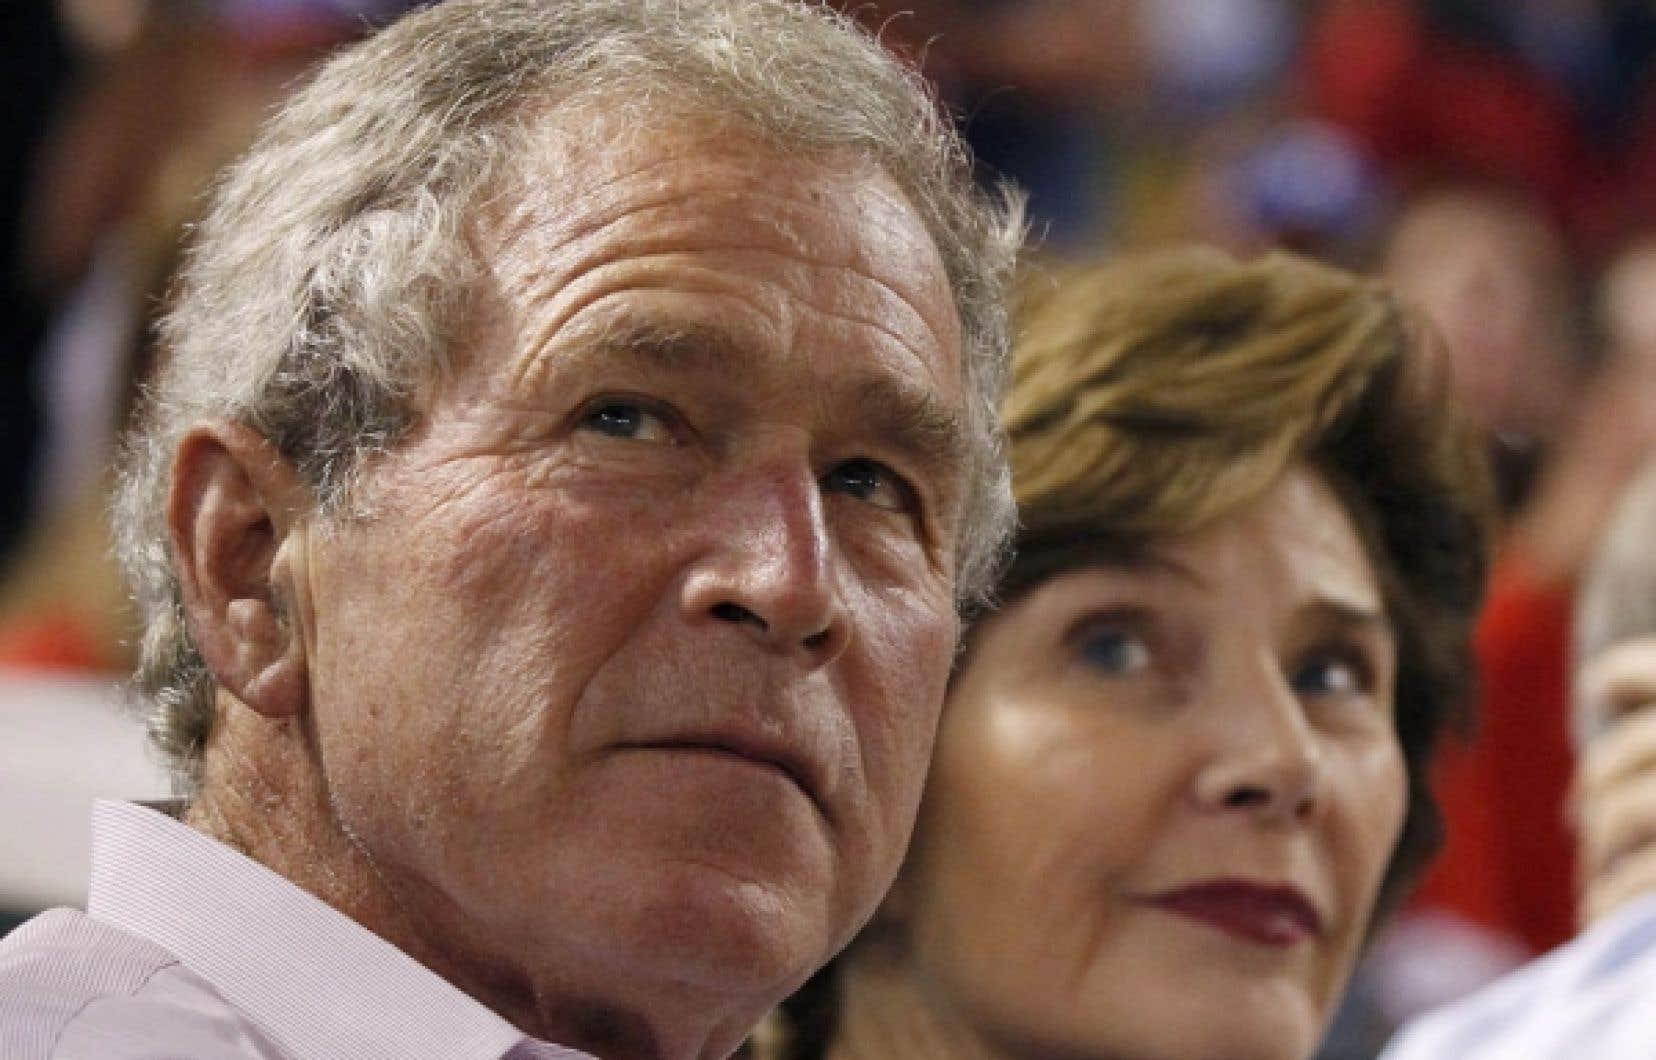 L'ex-président américain George W. Bush est attendu la semaine prochaine en Colombie-Britannique. Sur notre photo, M. Bush assistait en fin de semaine à un match de baseball en compagnie de sa femme, Laura.<br />